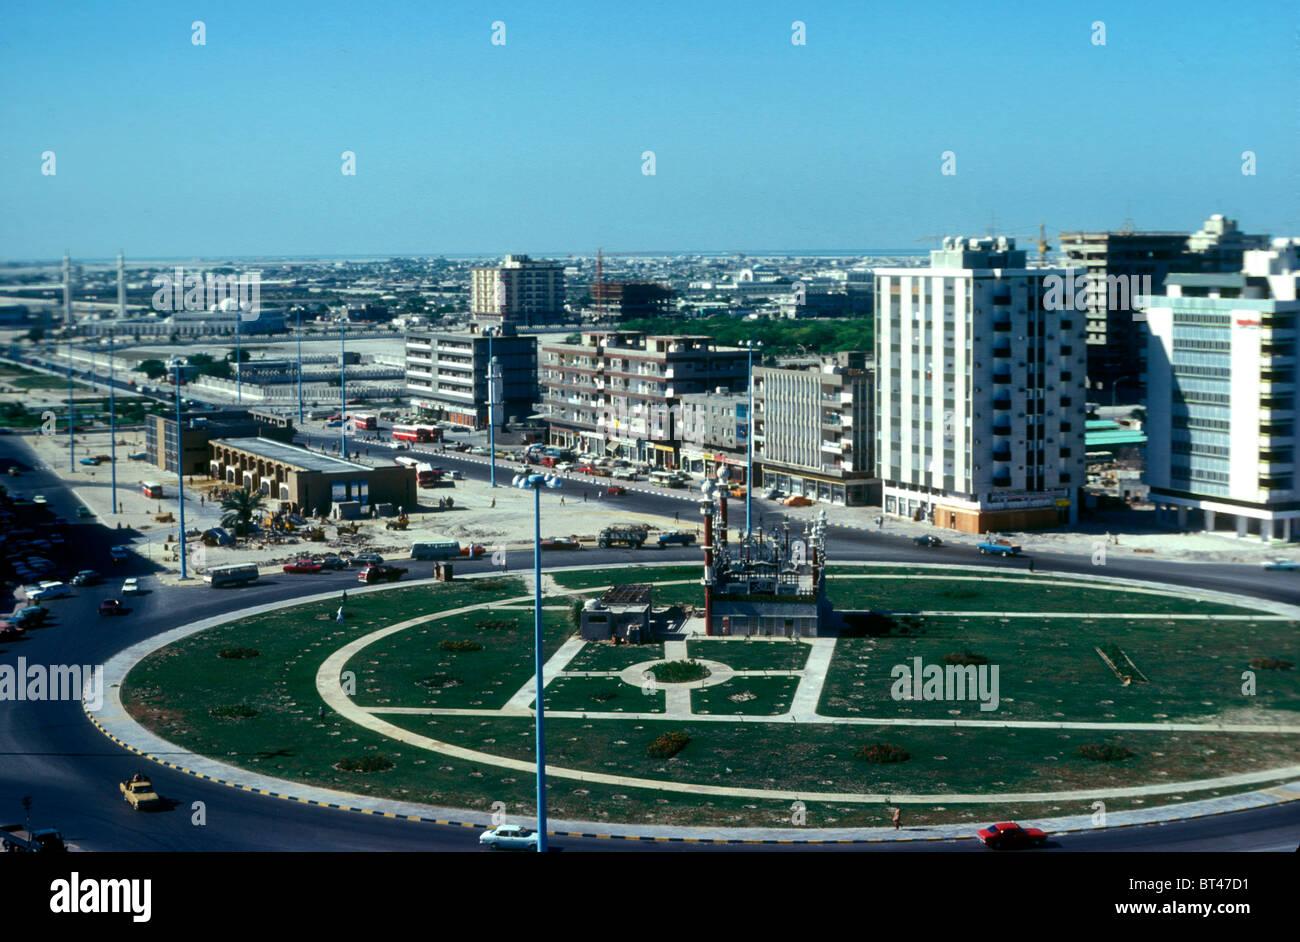 Zentrum von Abu Dhabi im Jahr 1976, Vereinigte Arabische Emirate Stockbild